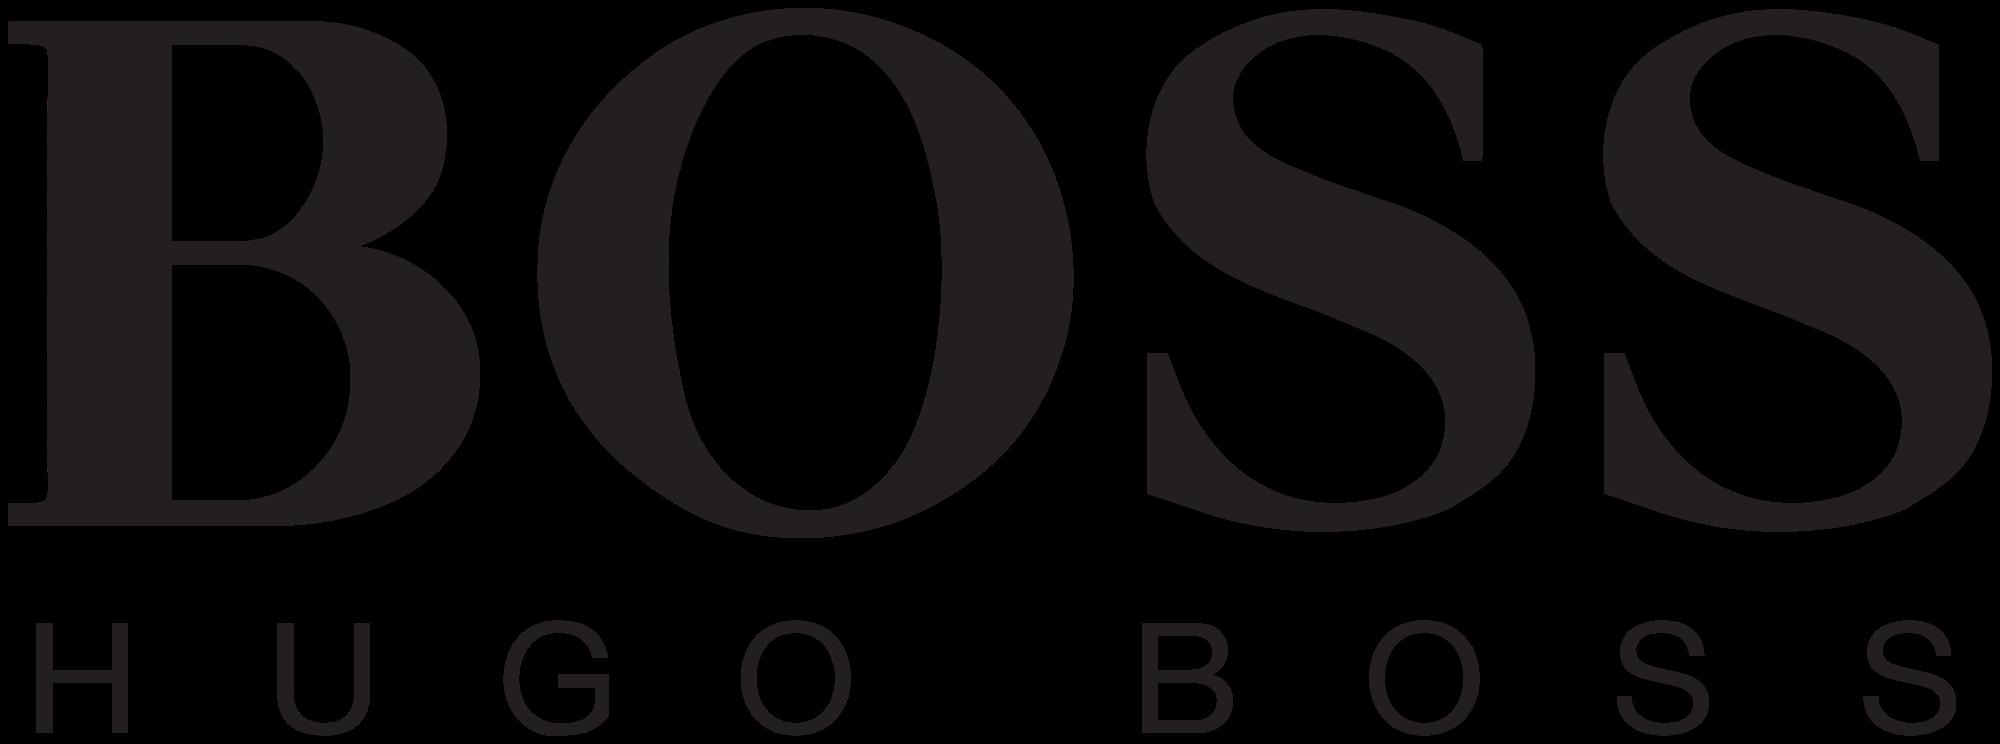 Hugo Boss Thera Belt - Golf Center a13b175e84